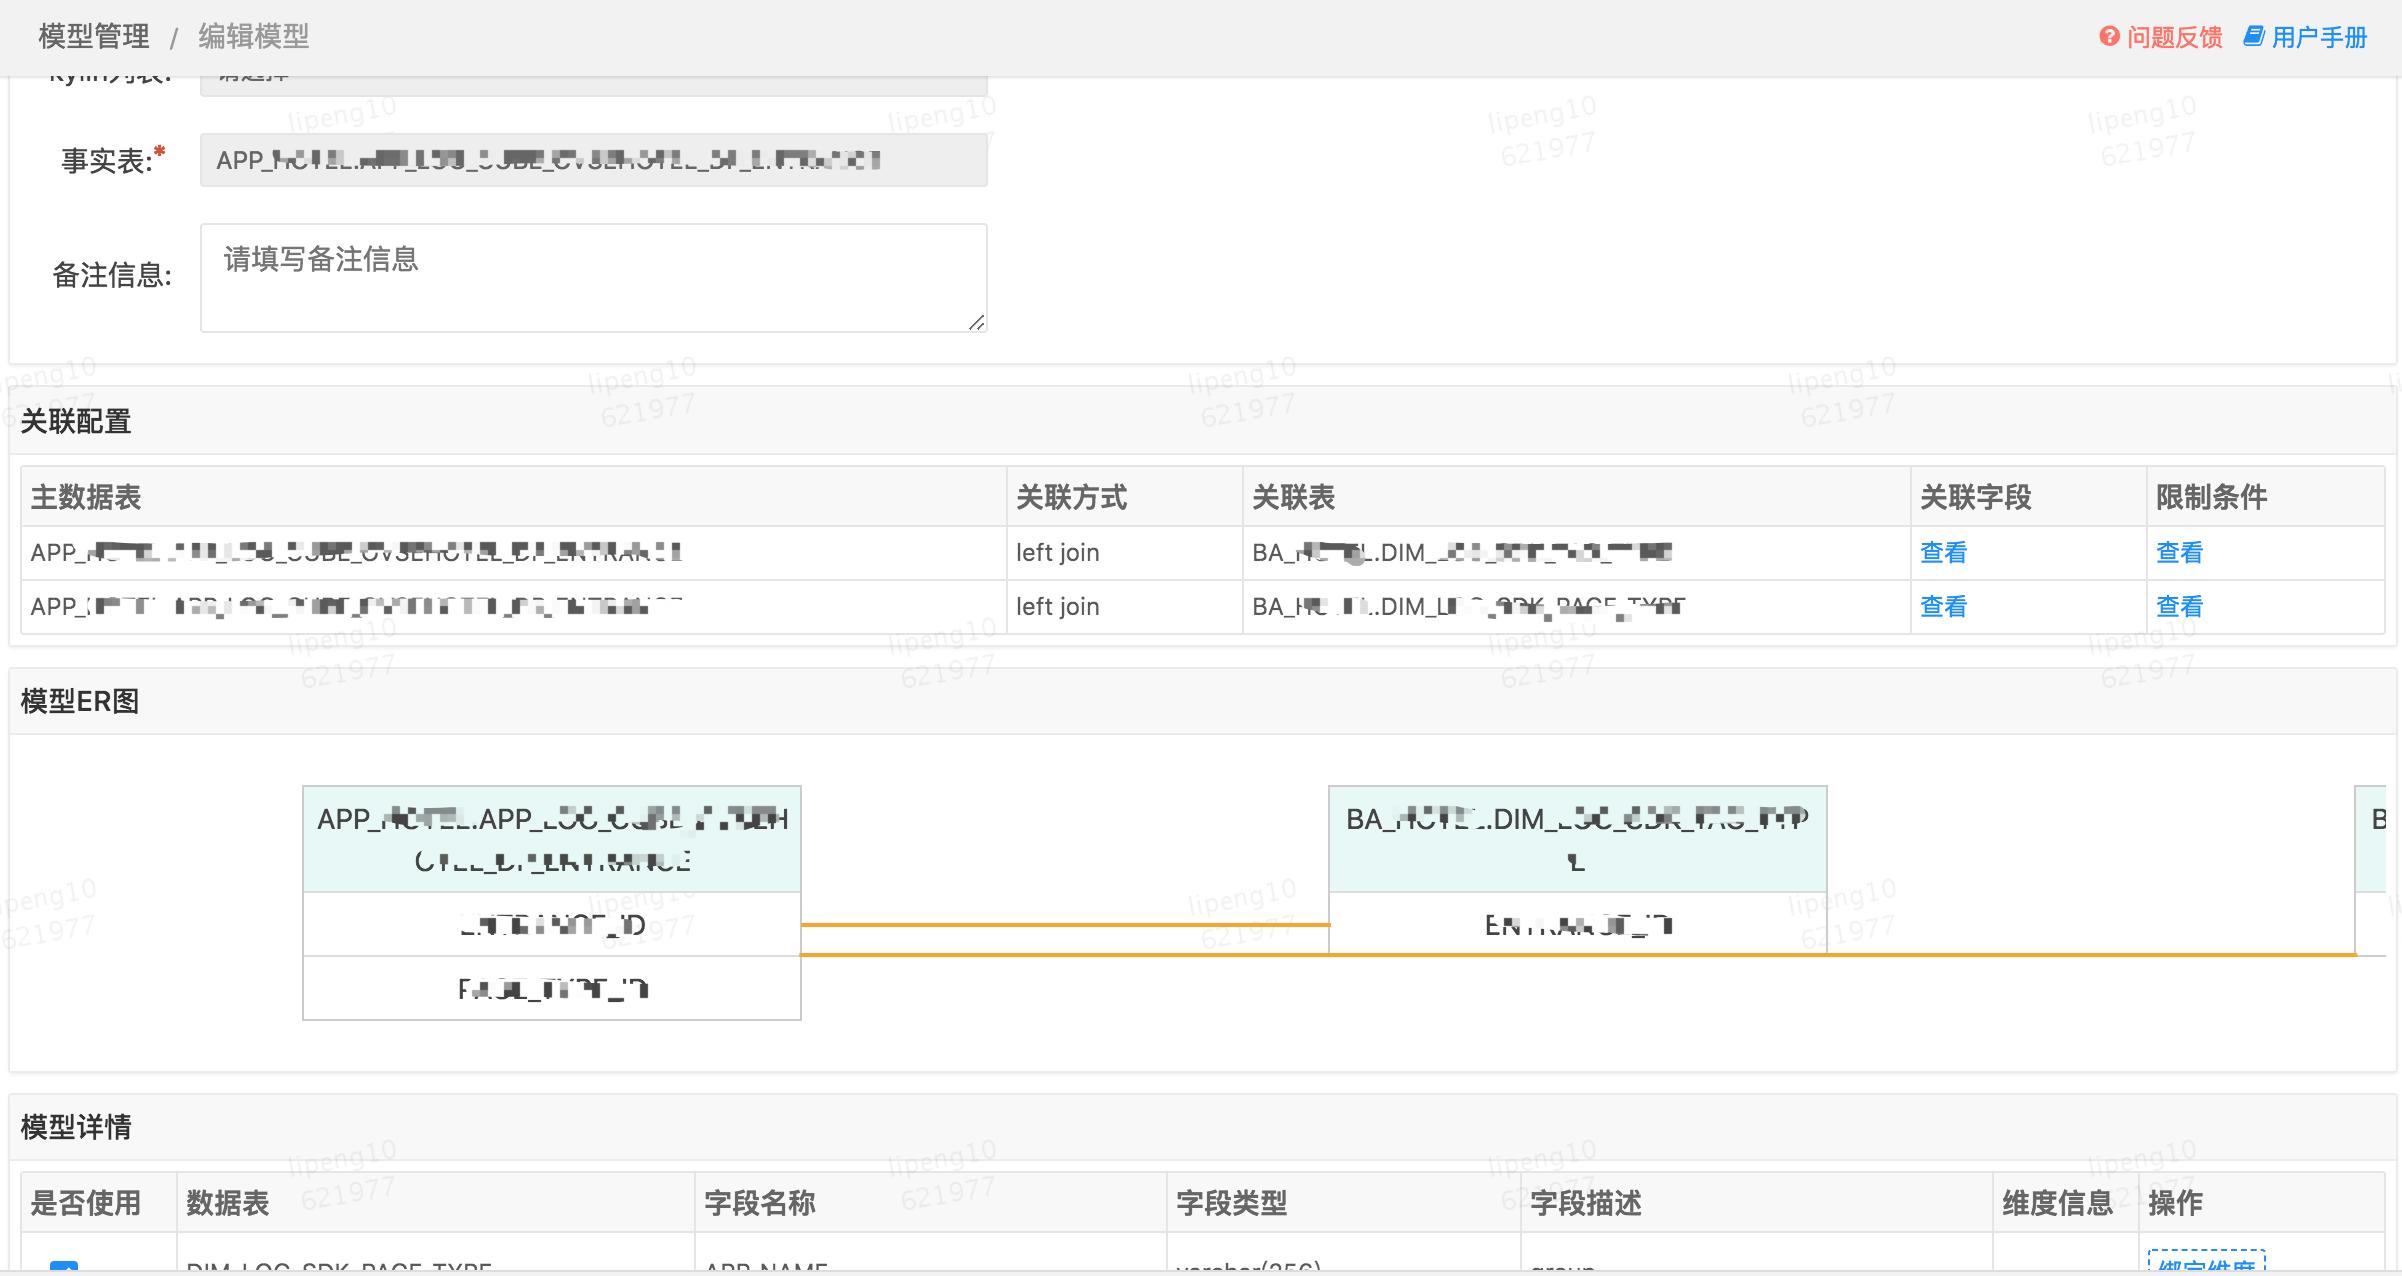 图5 起源数据治理平台数据表模型